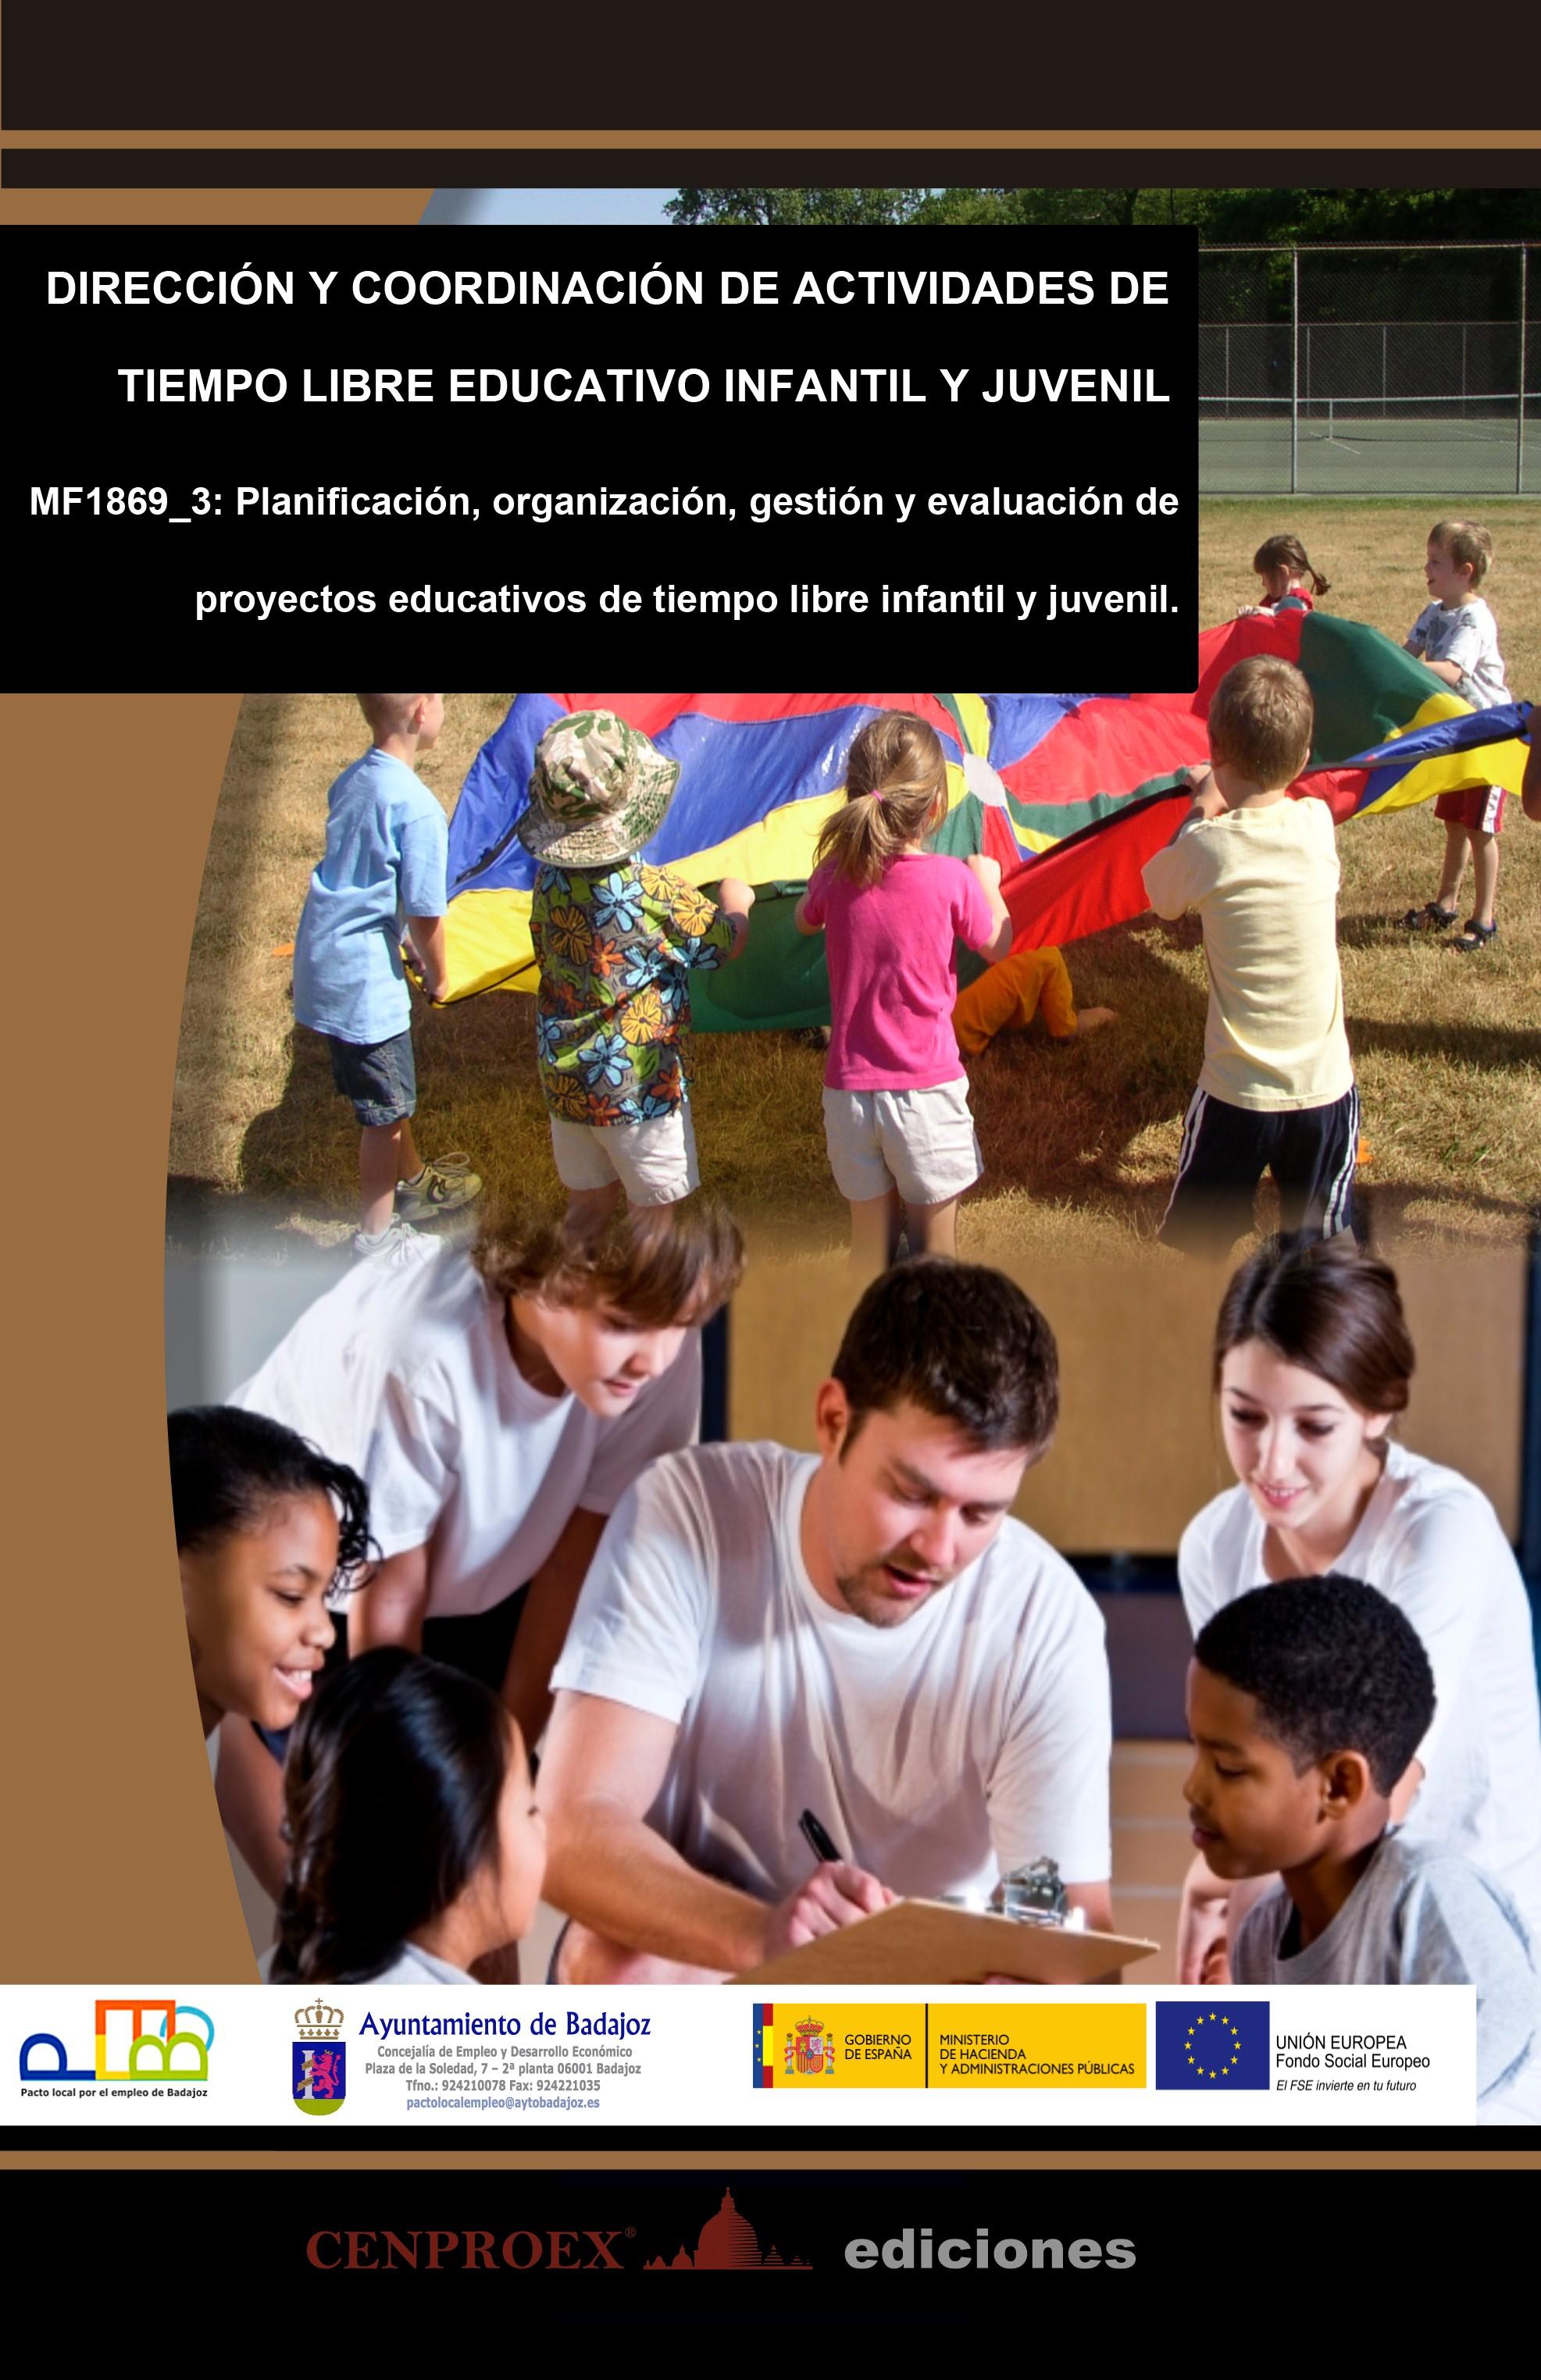 101. Dirección y Coordinación de Actividades de Tiempo Libre Educativo Infantil y Juvenil